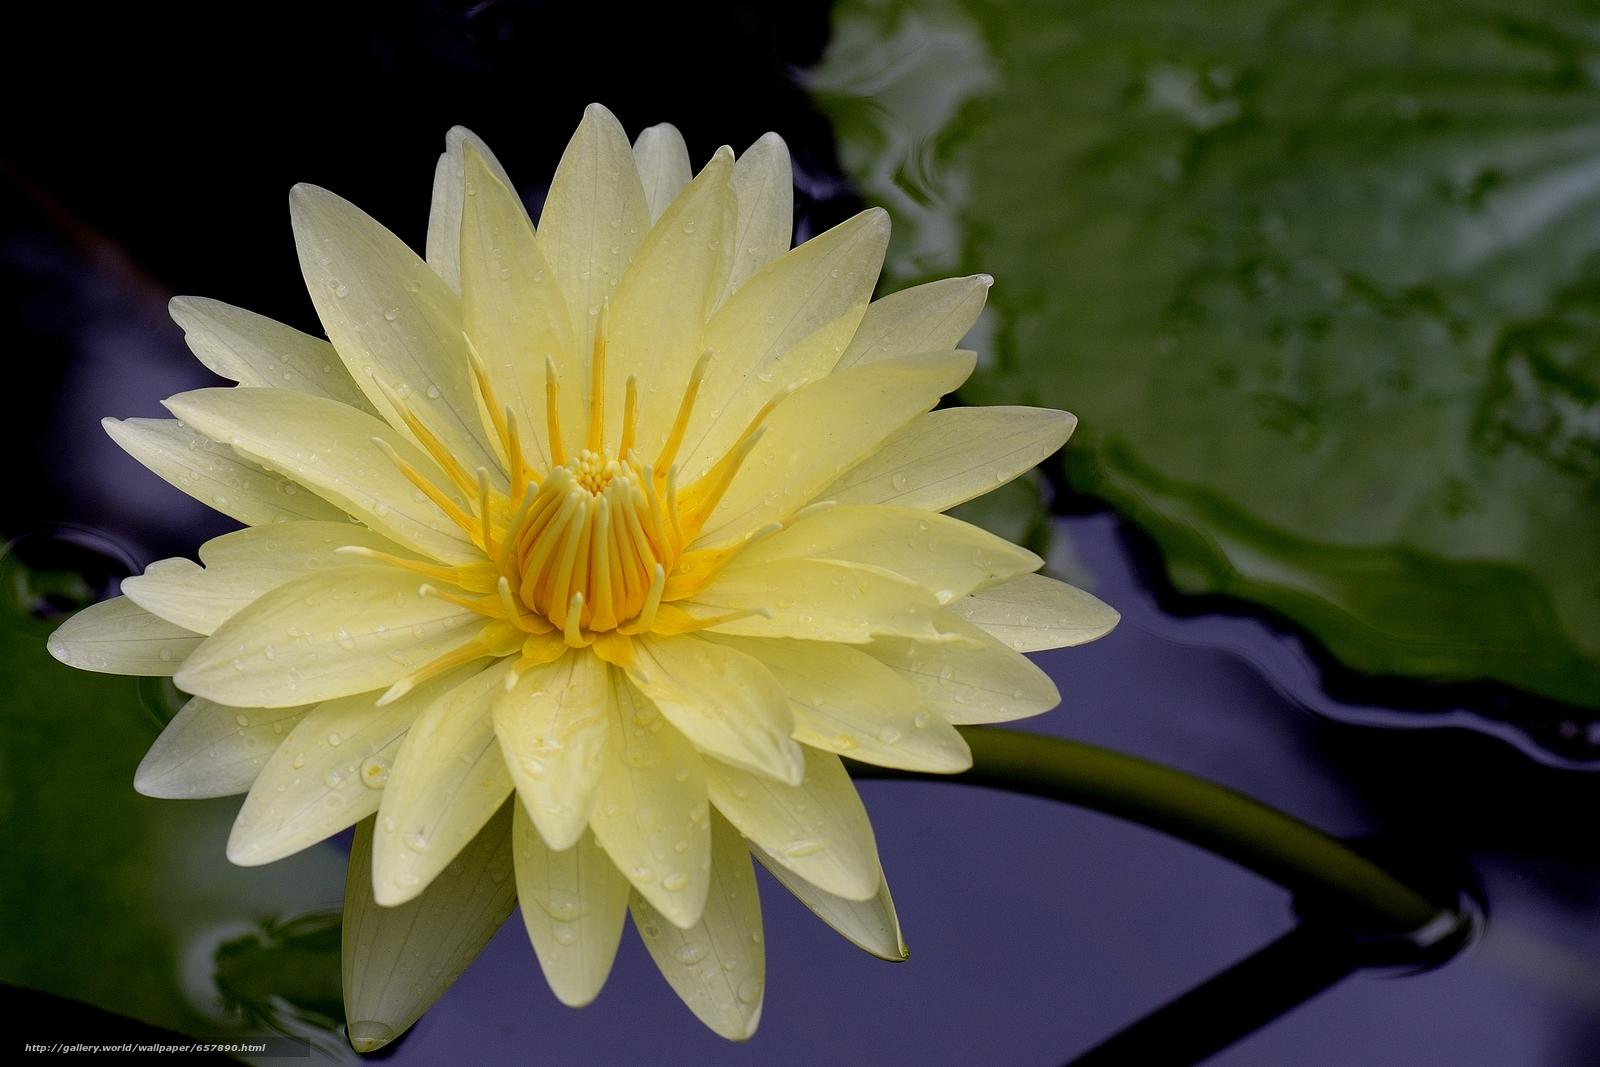 pobra tapety grążel,  Lilie wodne,  Kwiaty,  flora Darmowe tapety na pulpit rozdzielczoci 4109x2739 — zdjcie №657890